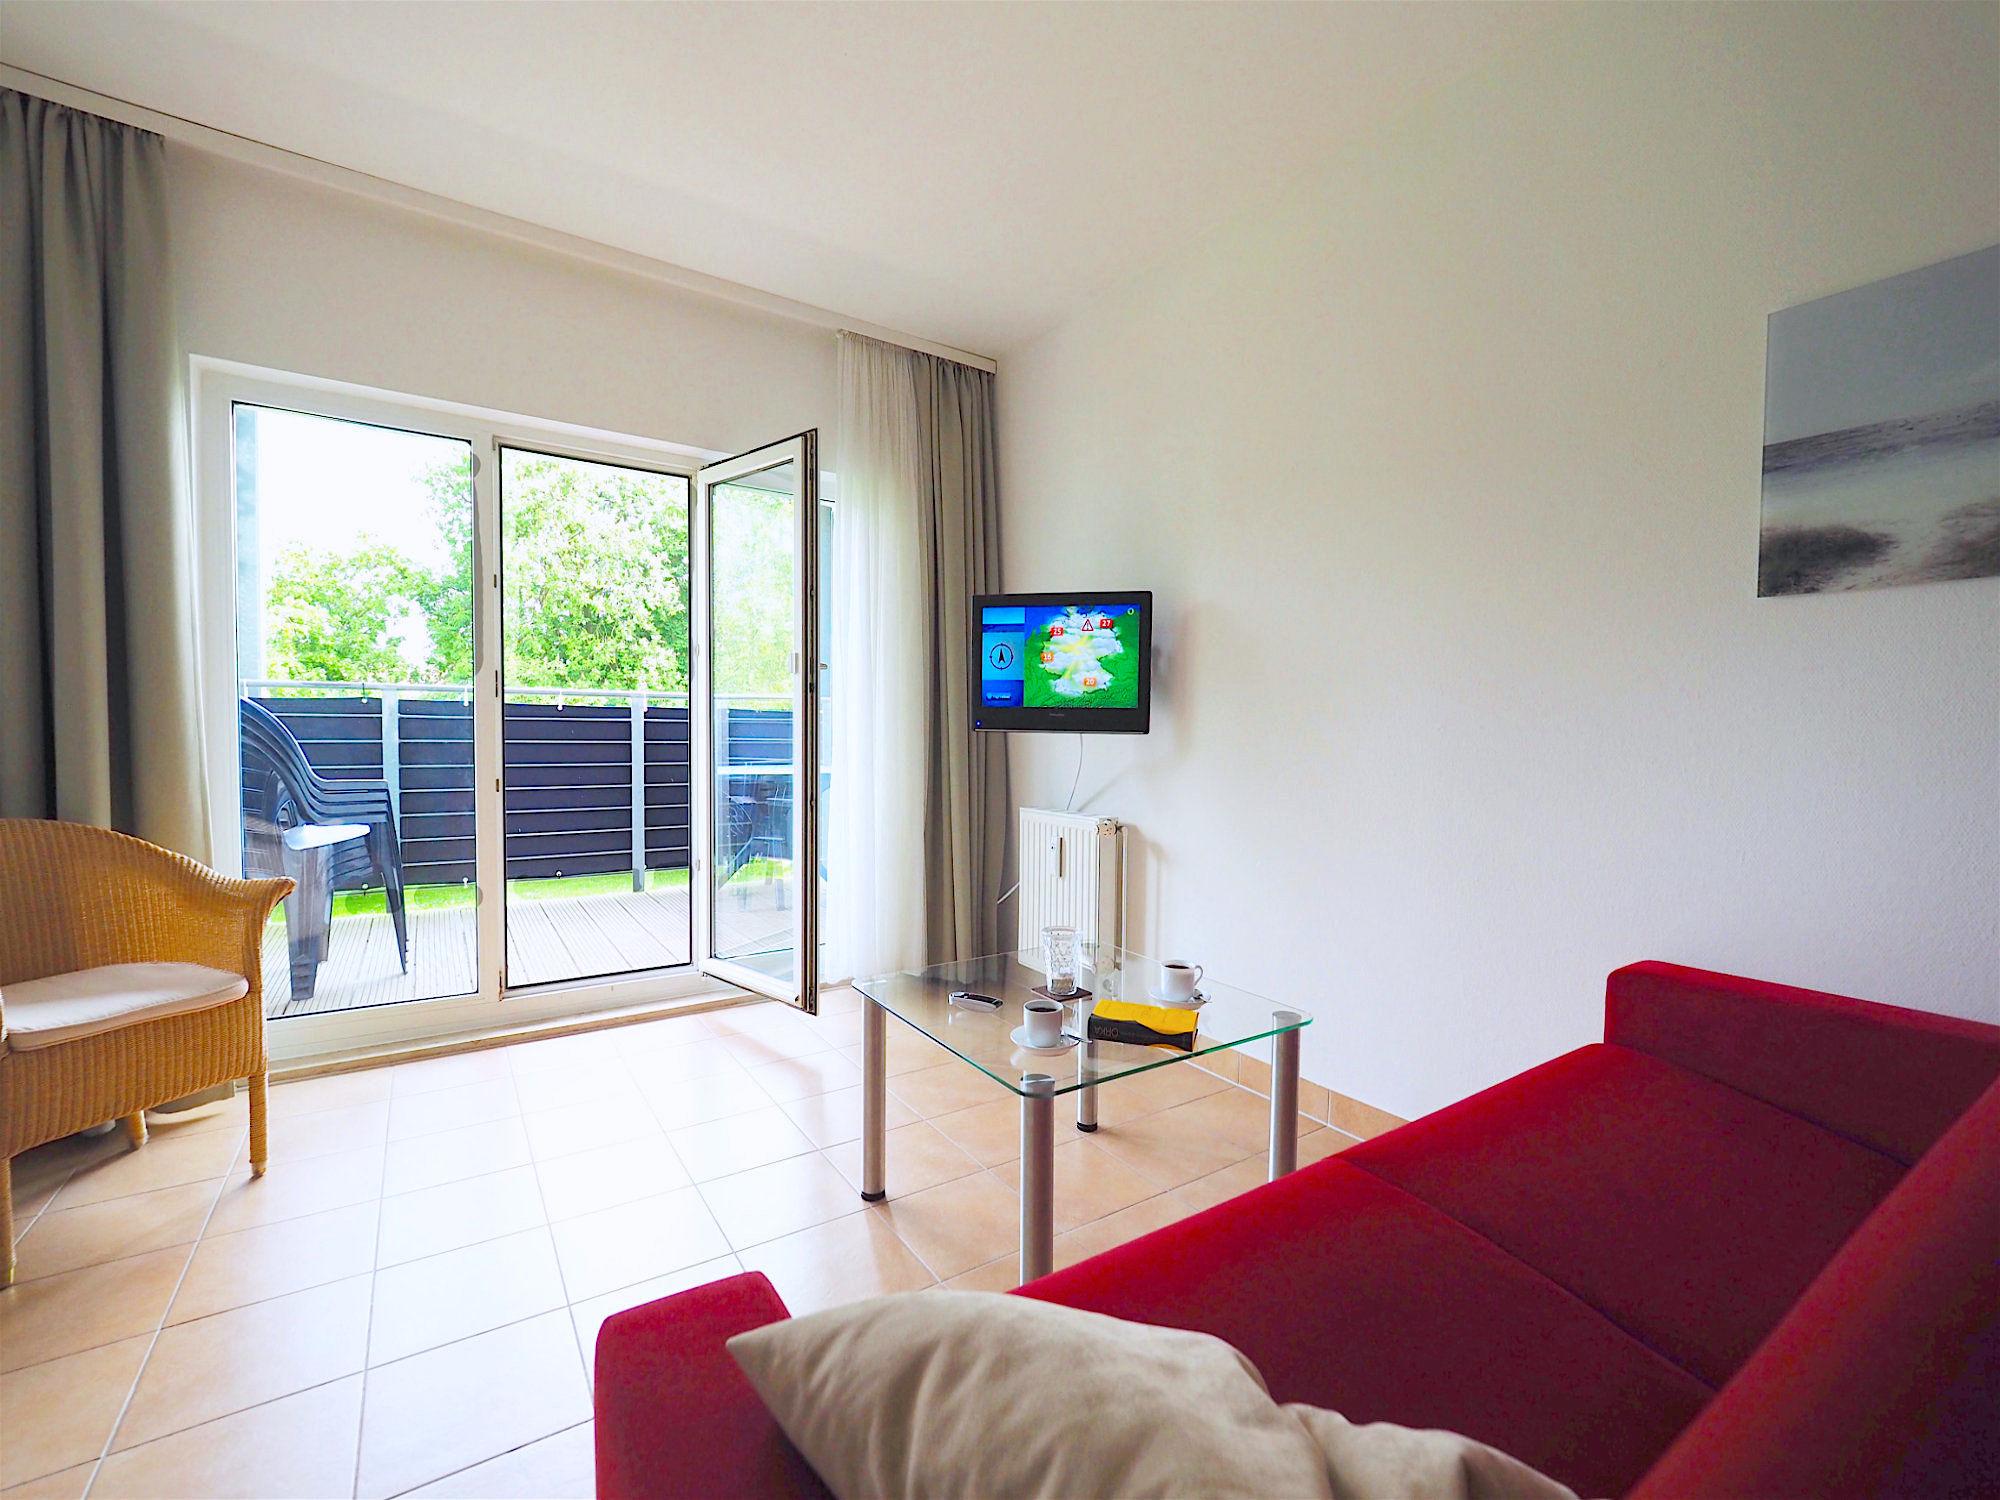 Wohnzimmer mit Couch, Glastisch und Flatscreen TV, an der Wand hängend. Im Hintergrund bodentiefe Fenster und Balkon